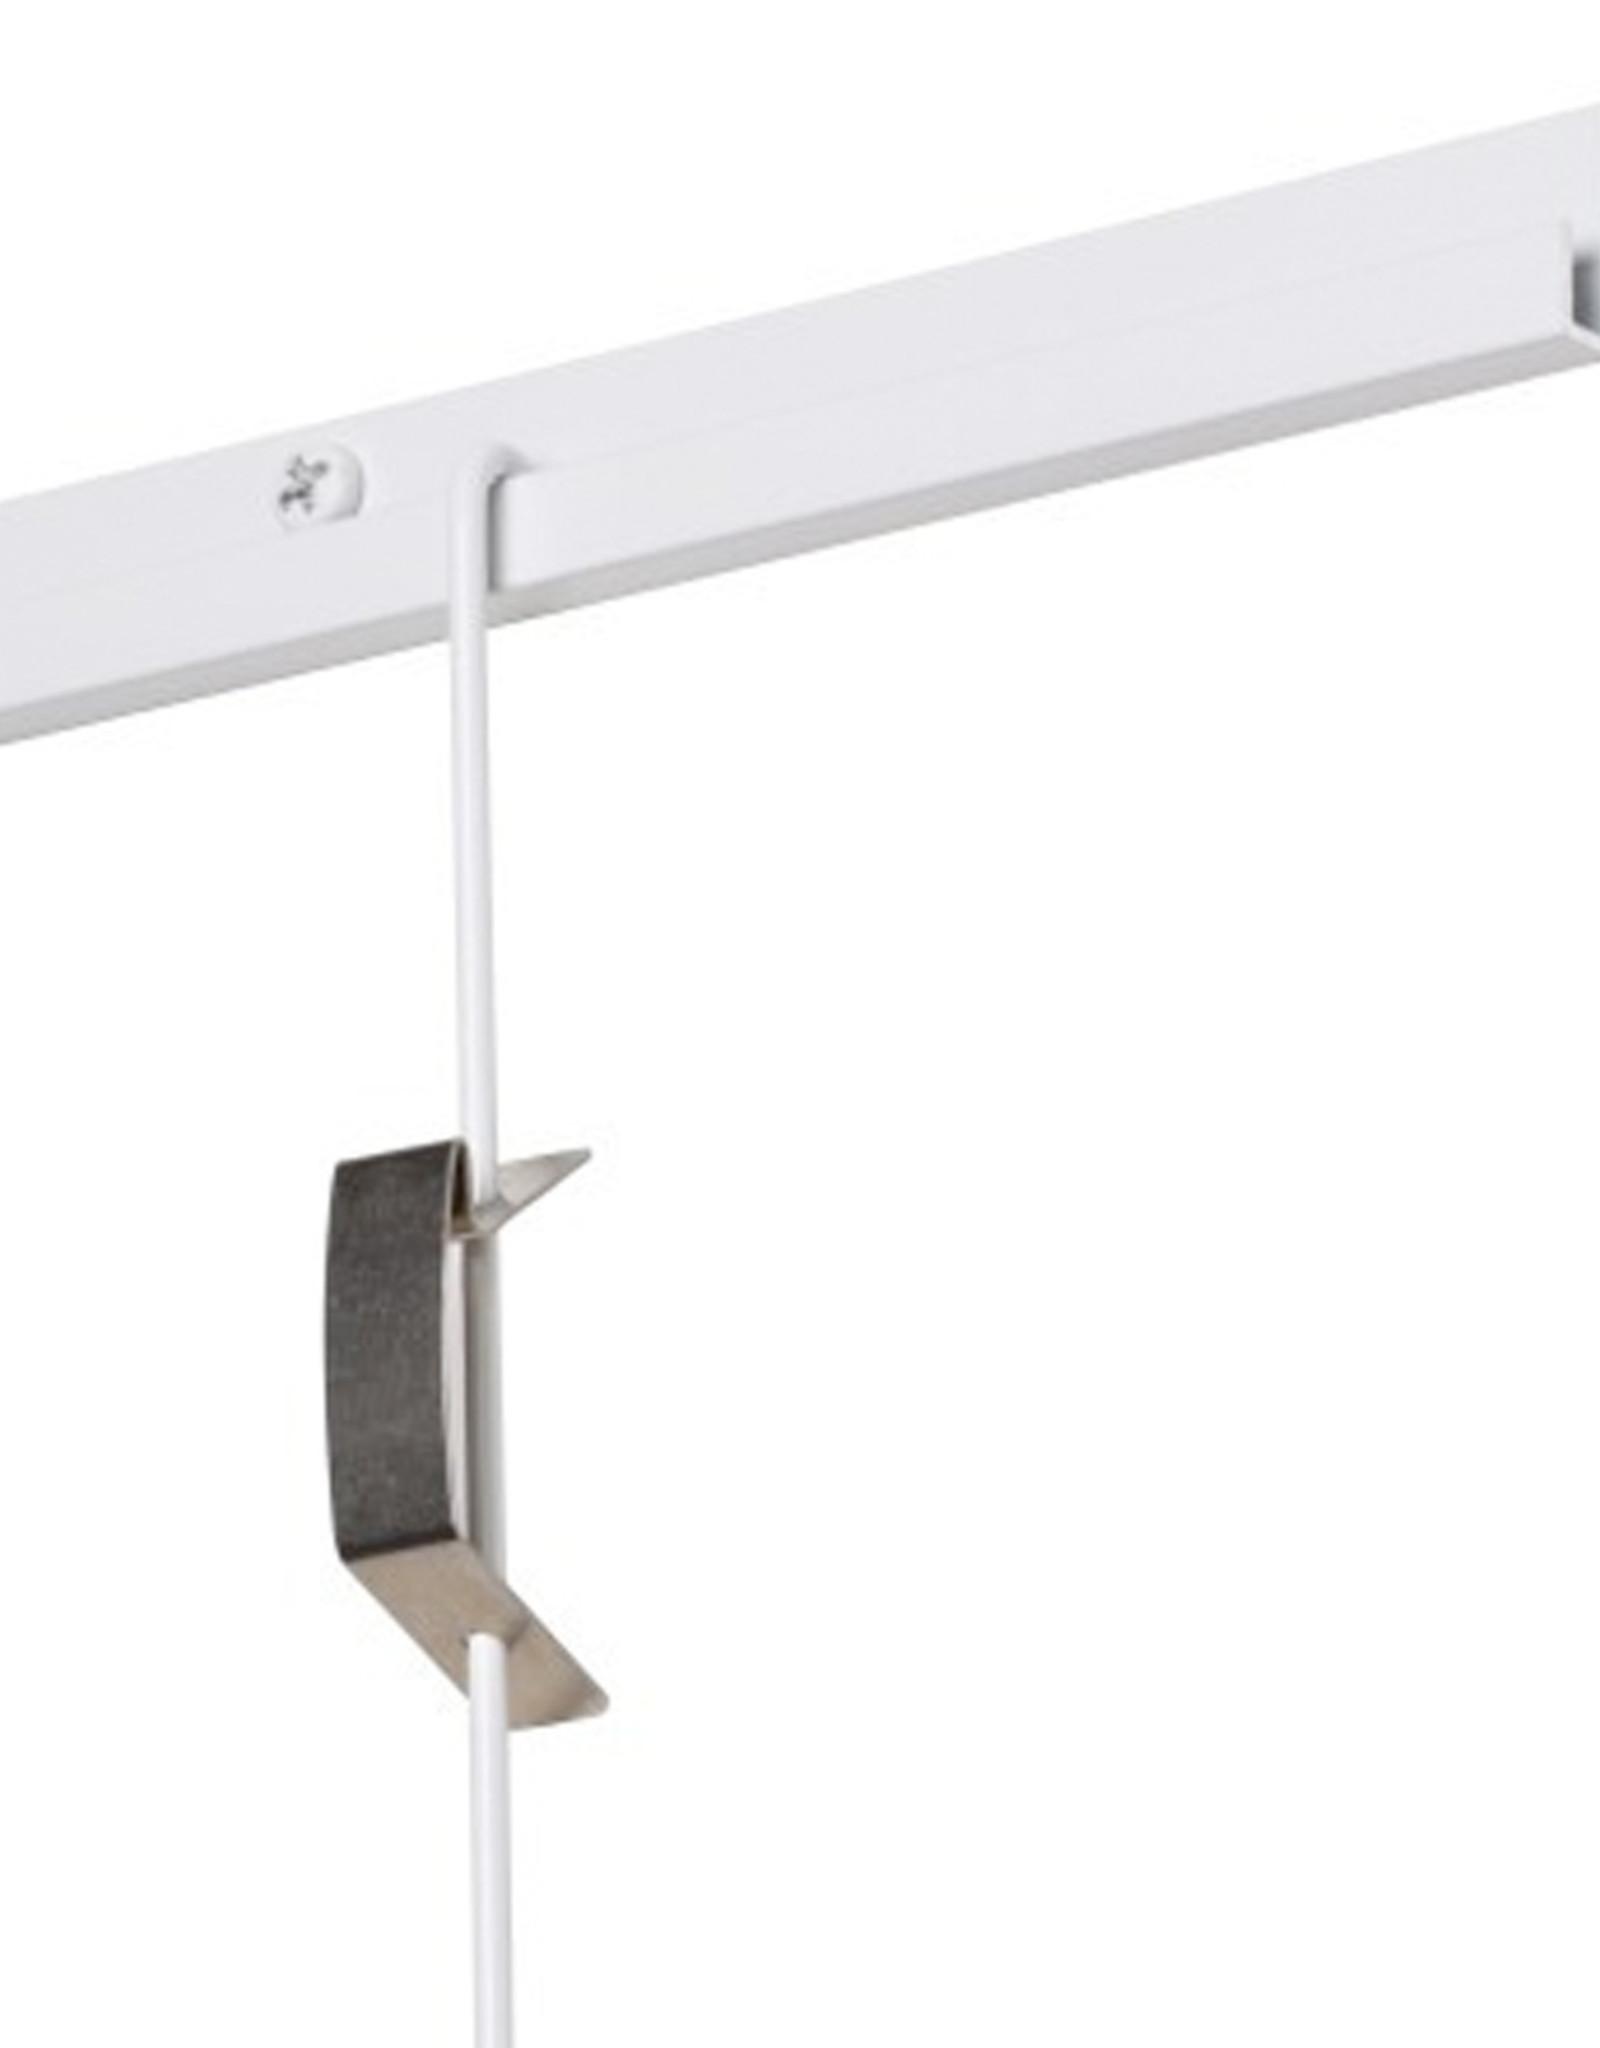 Arti Teq Ophangstang voor J-rail 100 cm RVS